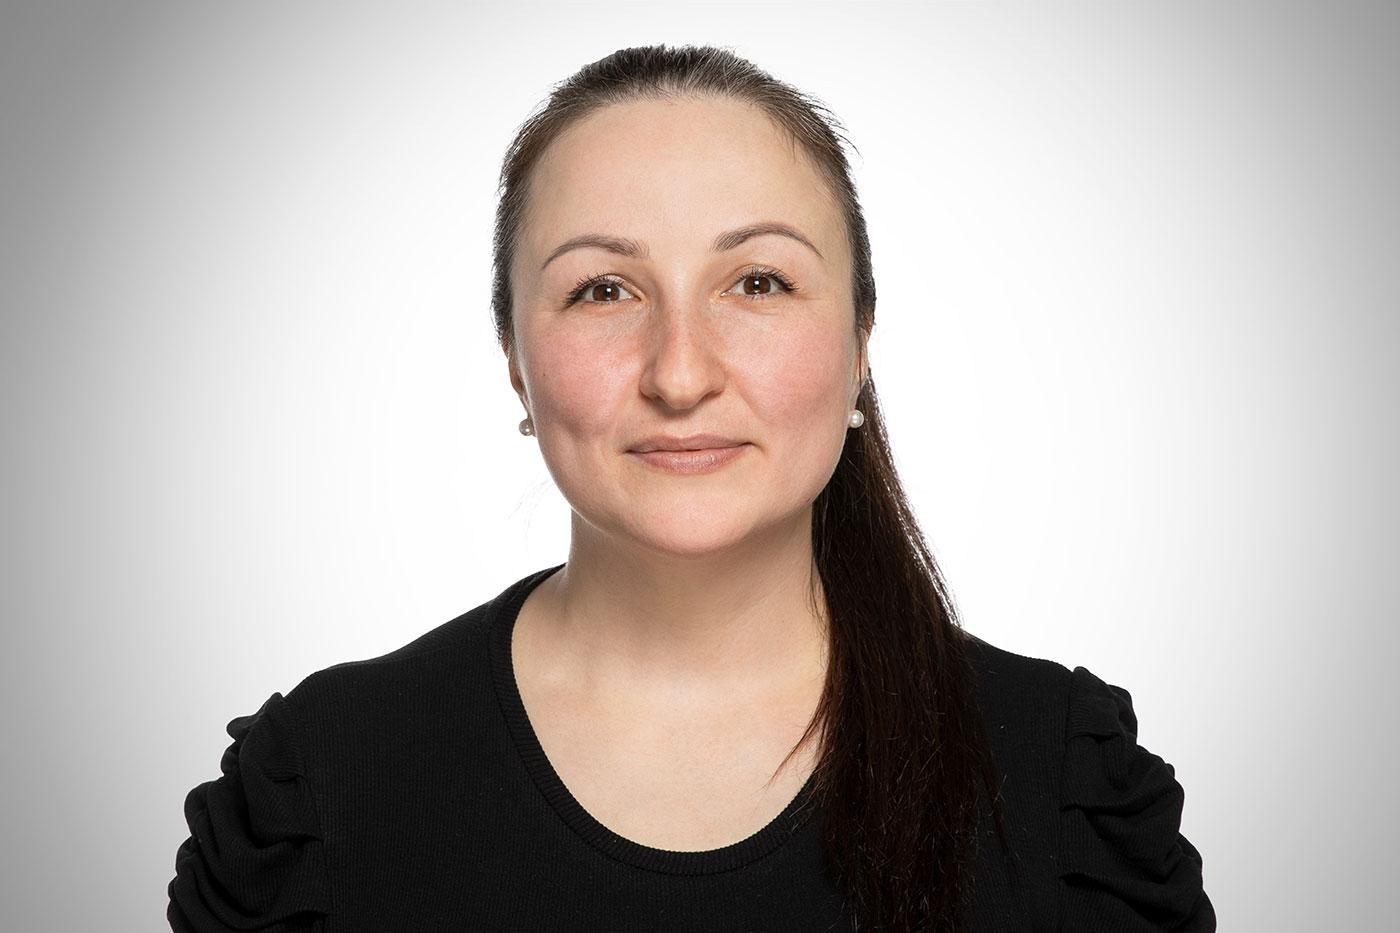 Elizaveta Sempelidou